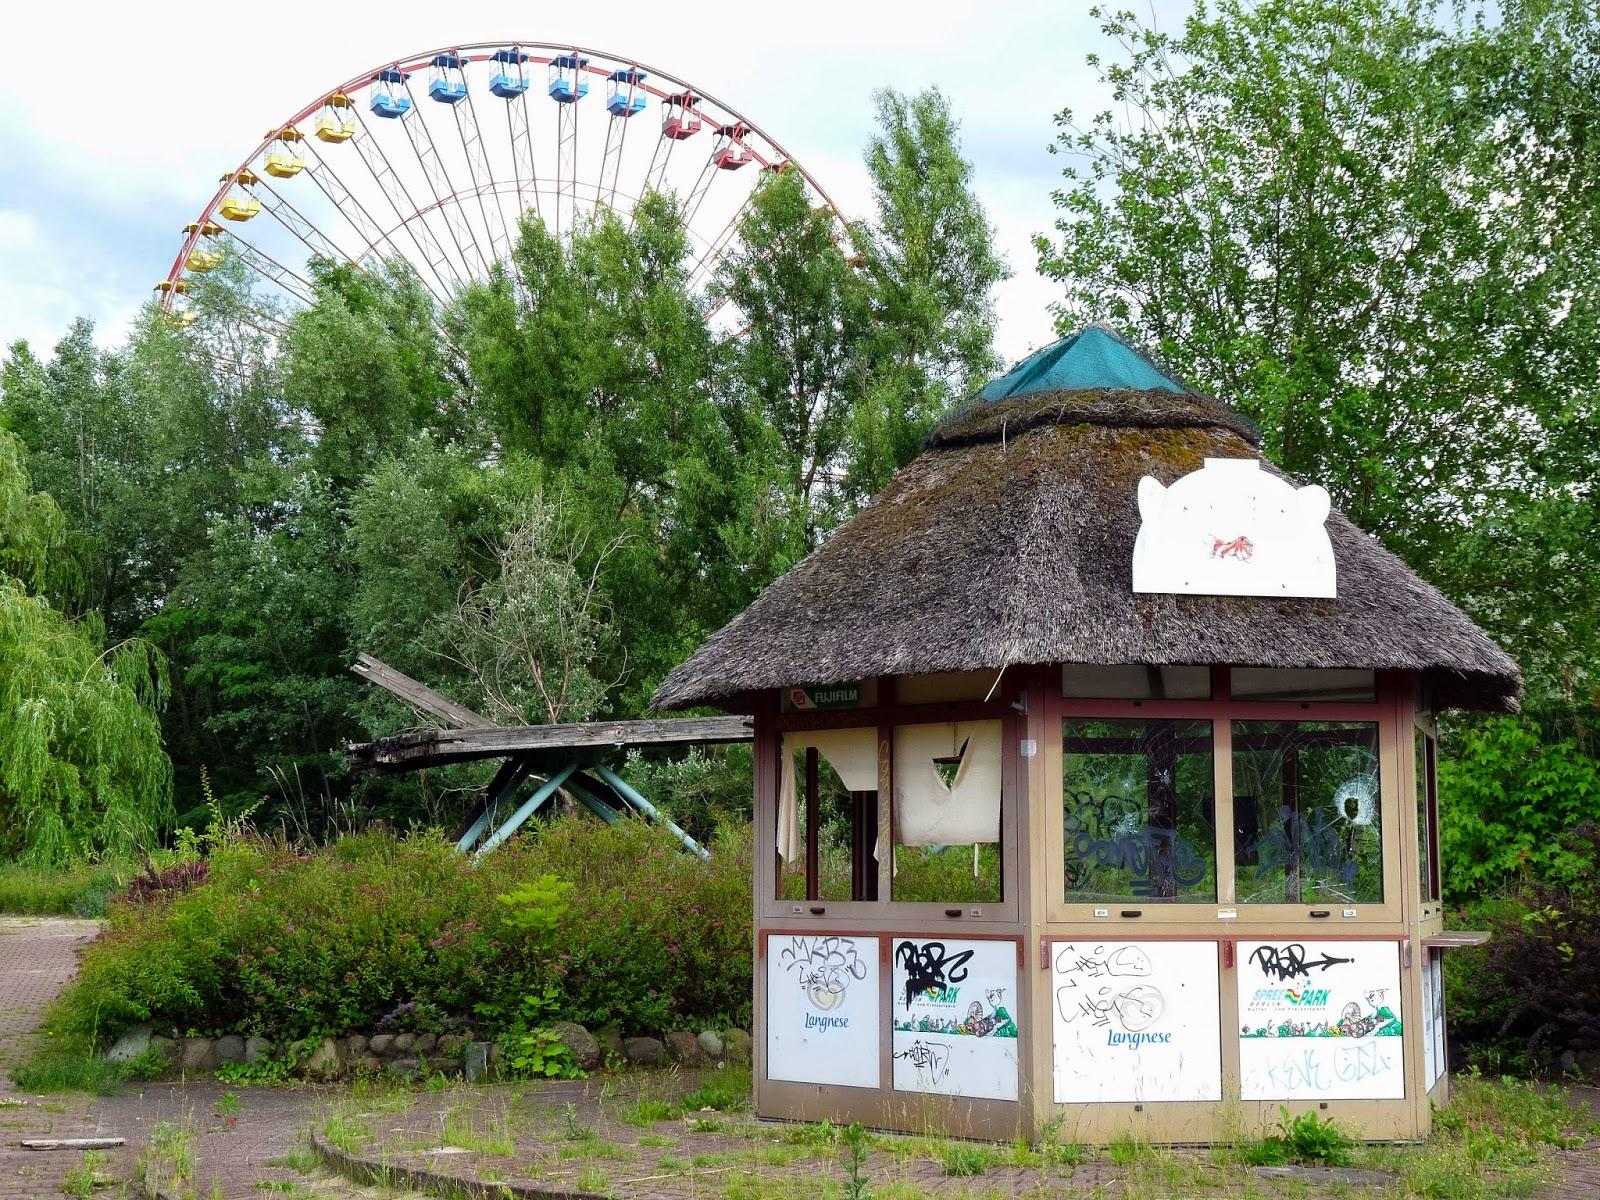 Abandoned Berlin Spreepark Amusement Fun Park-1020058